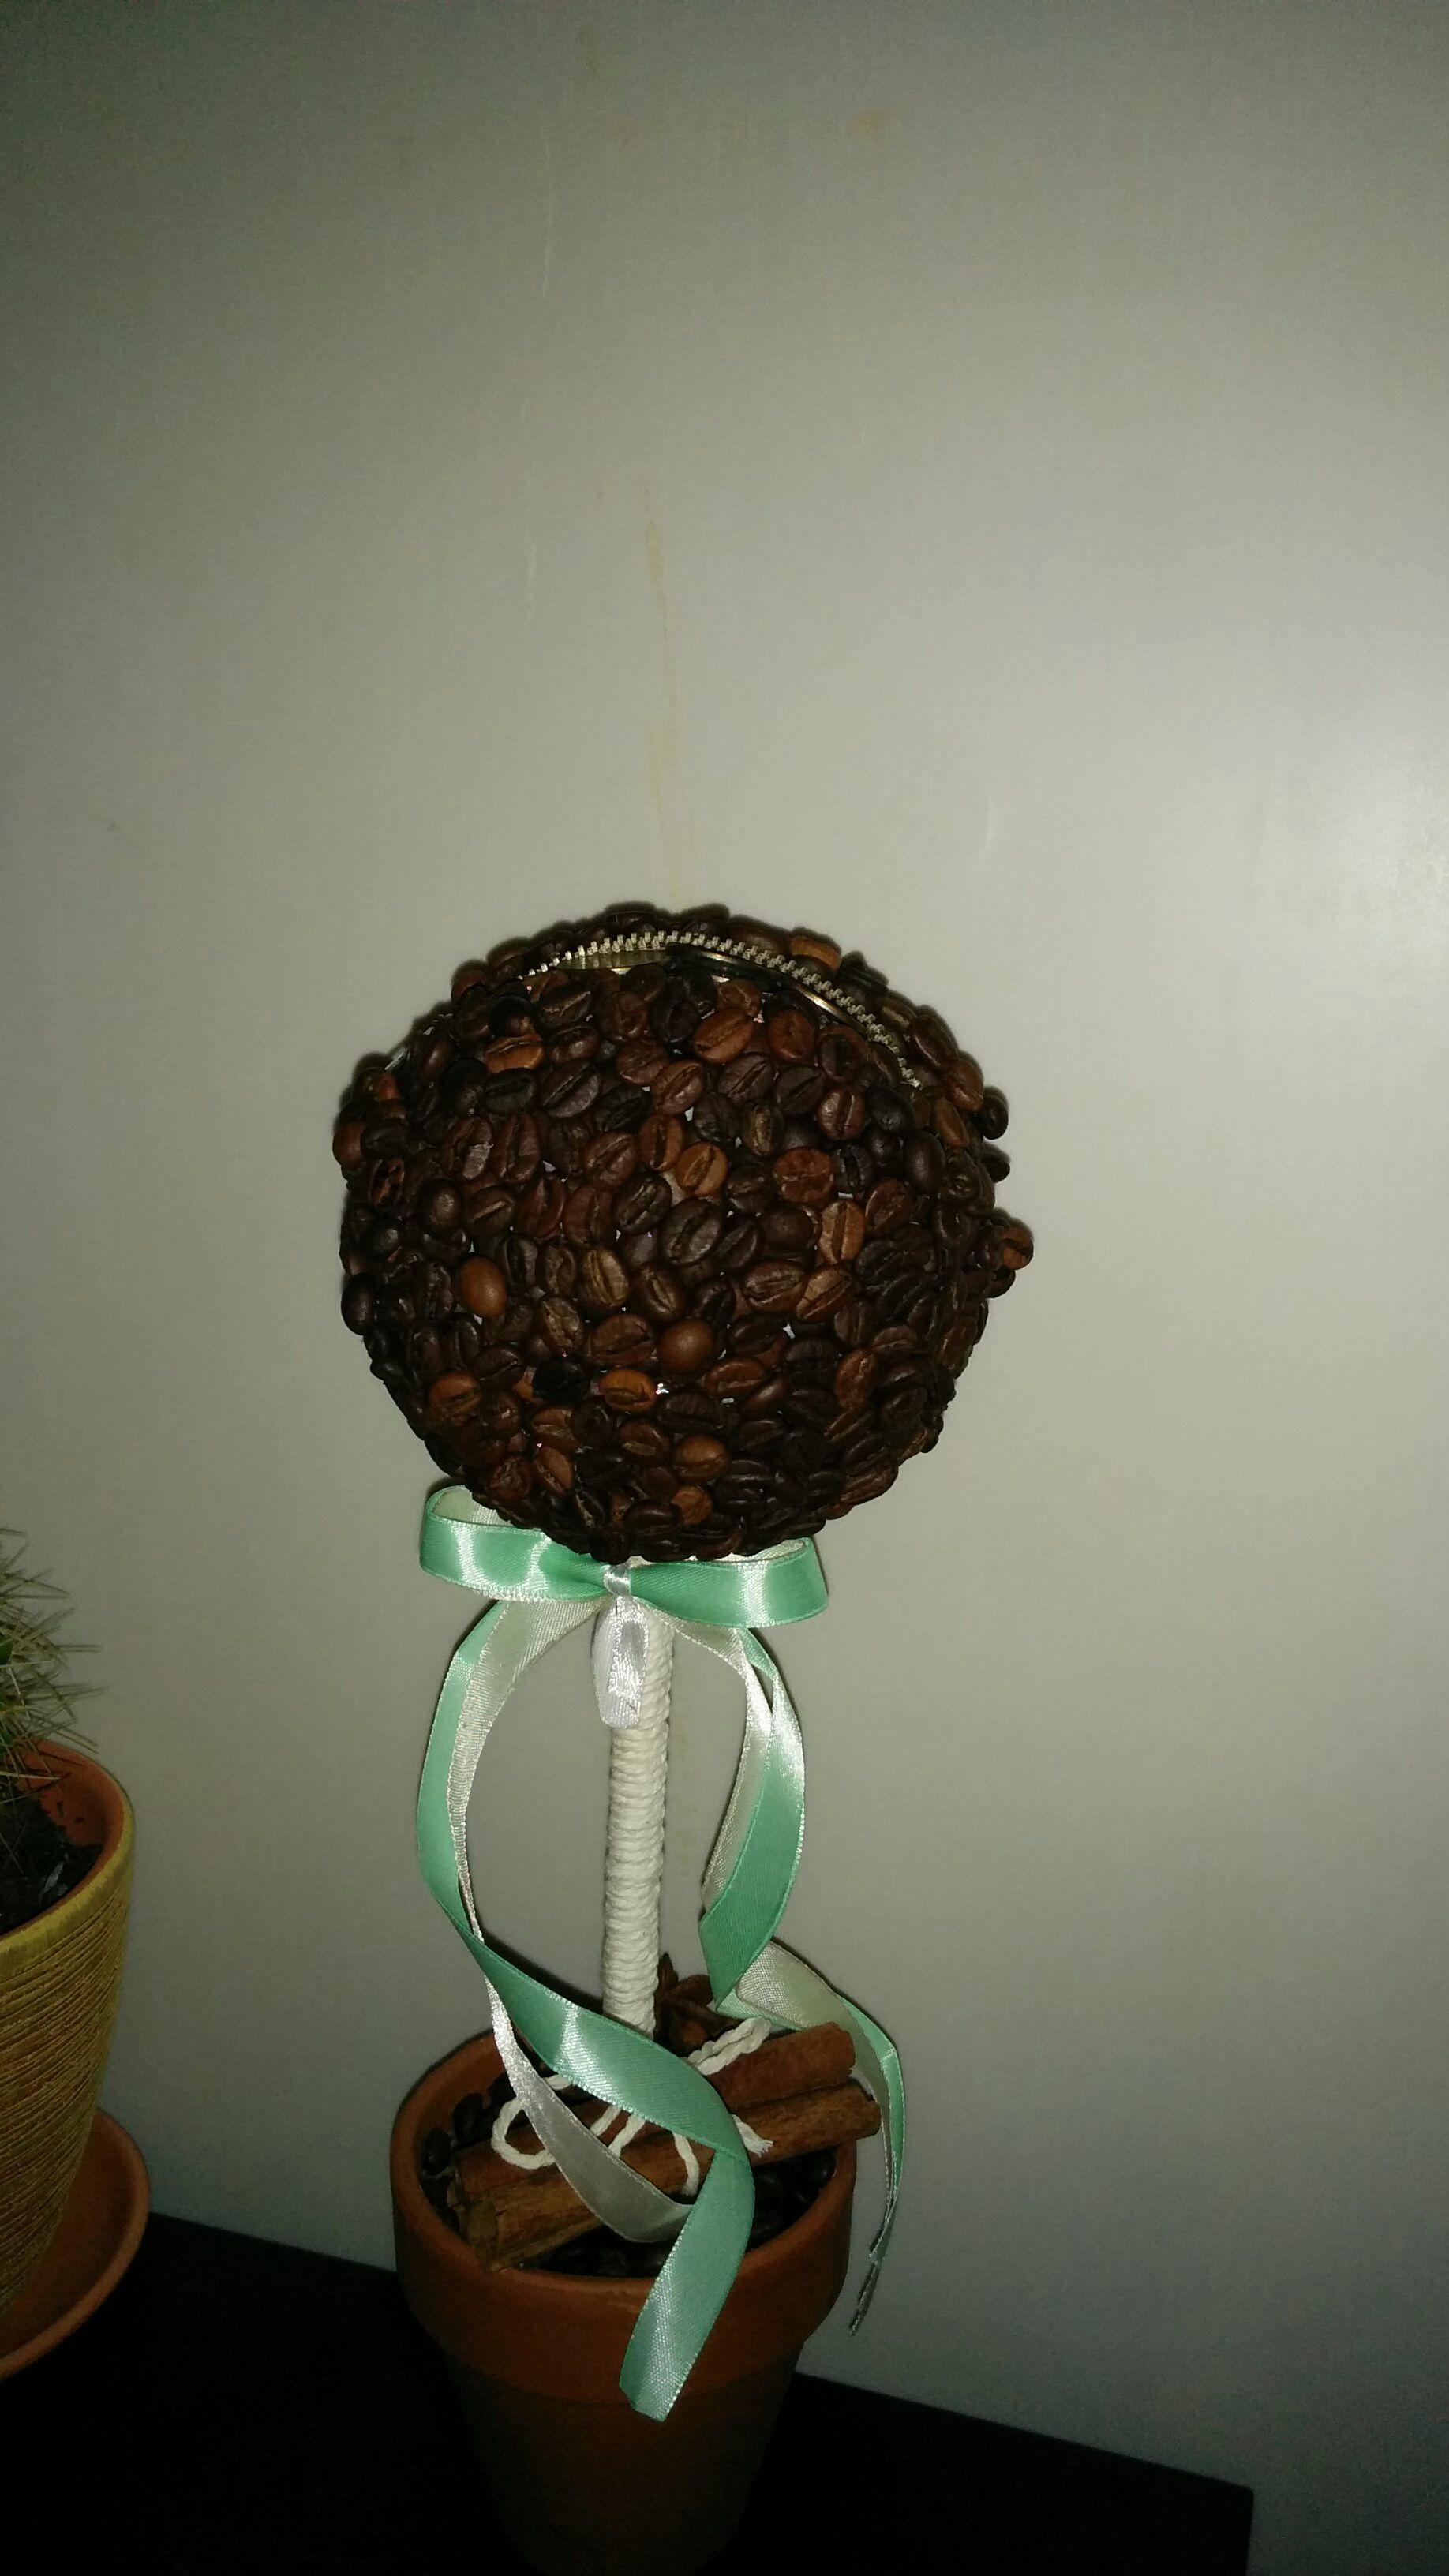 подарки ручная кофейное дерево топиарий интерьер работа кофе кофеман